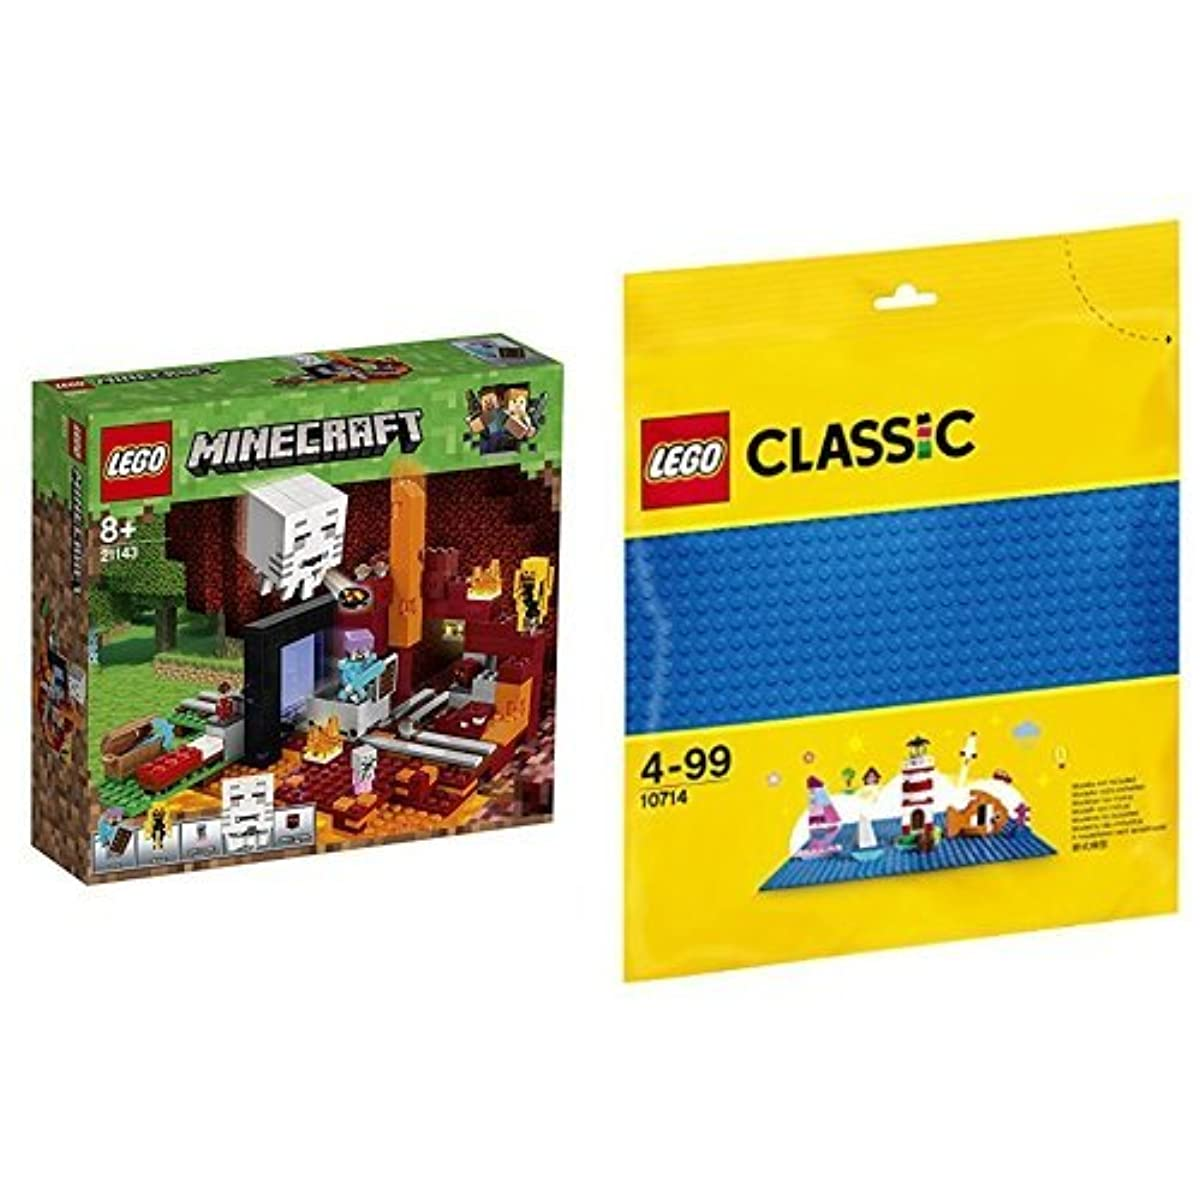 [해외] 레고(LEGO) 마이구라후토 어둠(암블랙)의 포털 21143 & 클래식 기초 판(블루) 10714